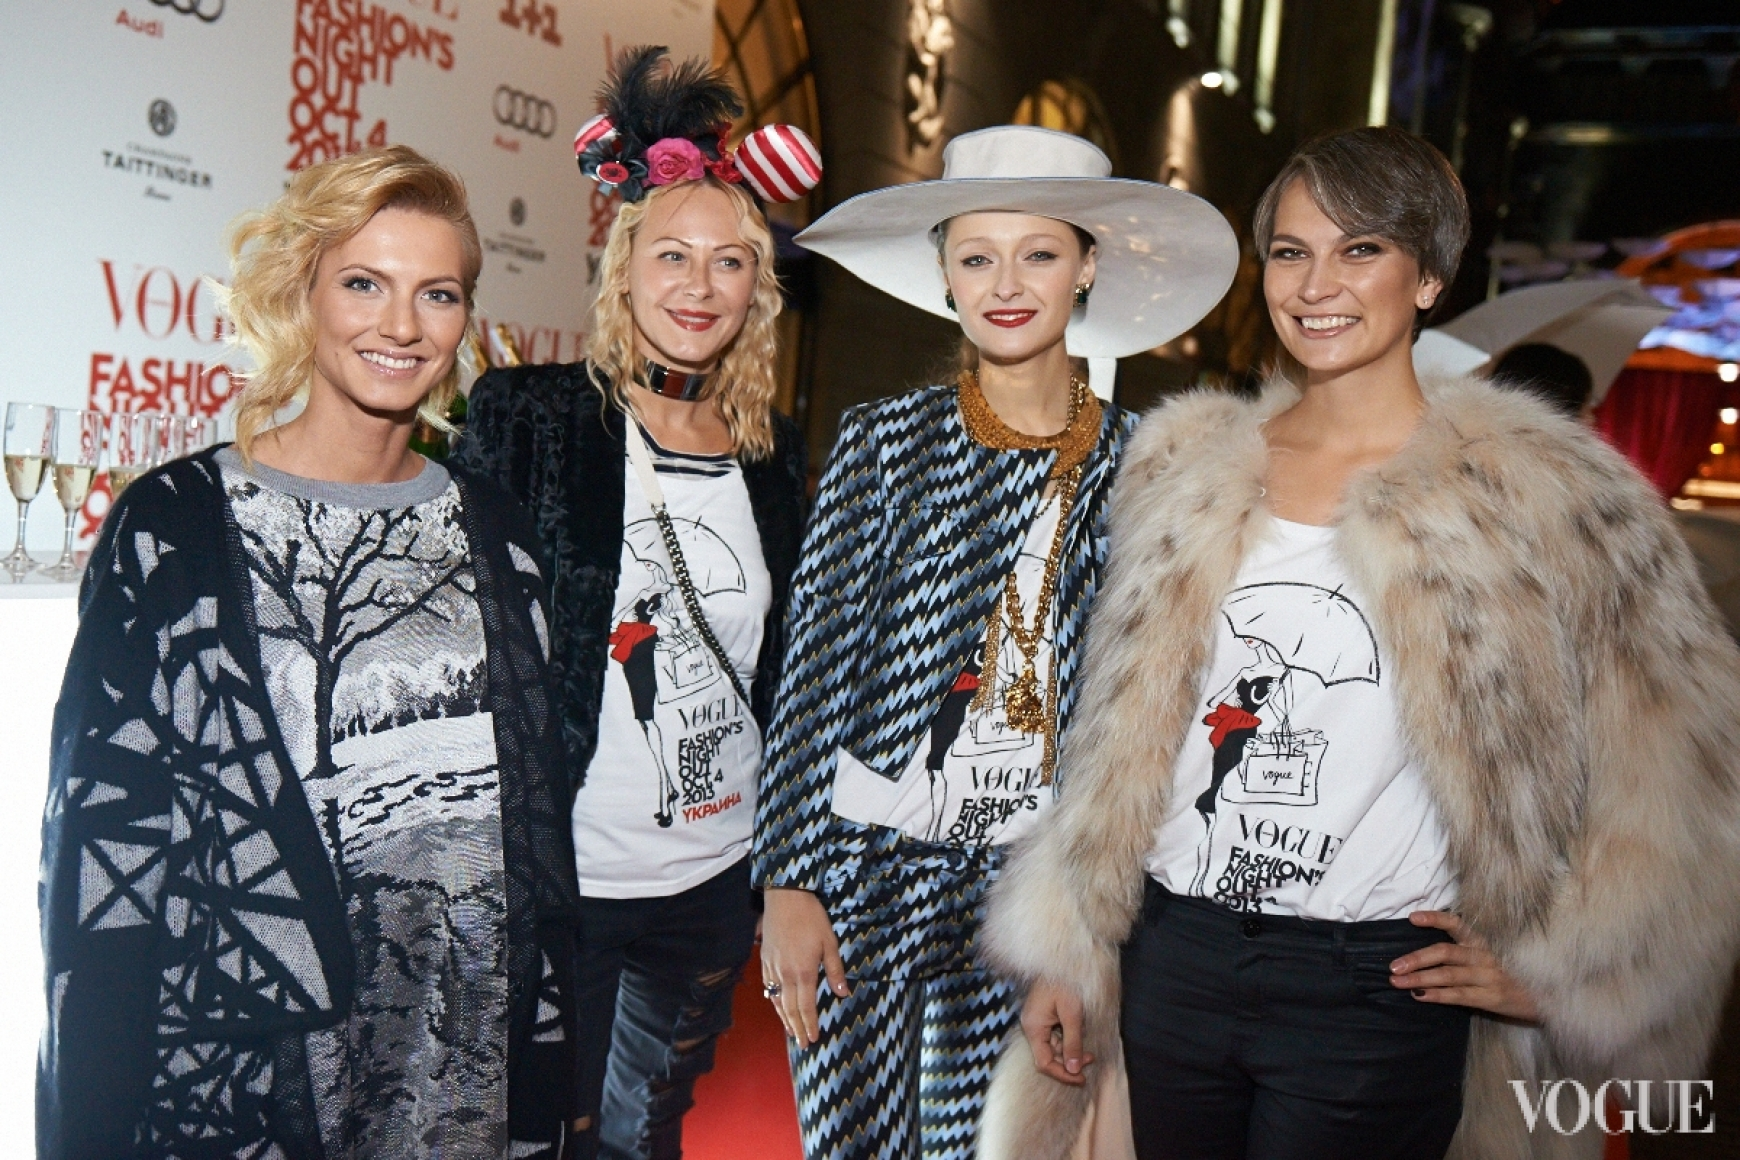 Елизавета Юрушева, Ольга Аленова, Дарья Шаповалова, Маша Цуканова